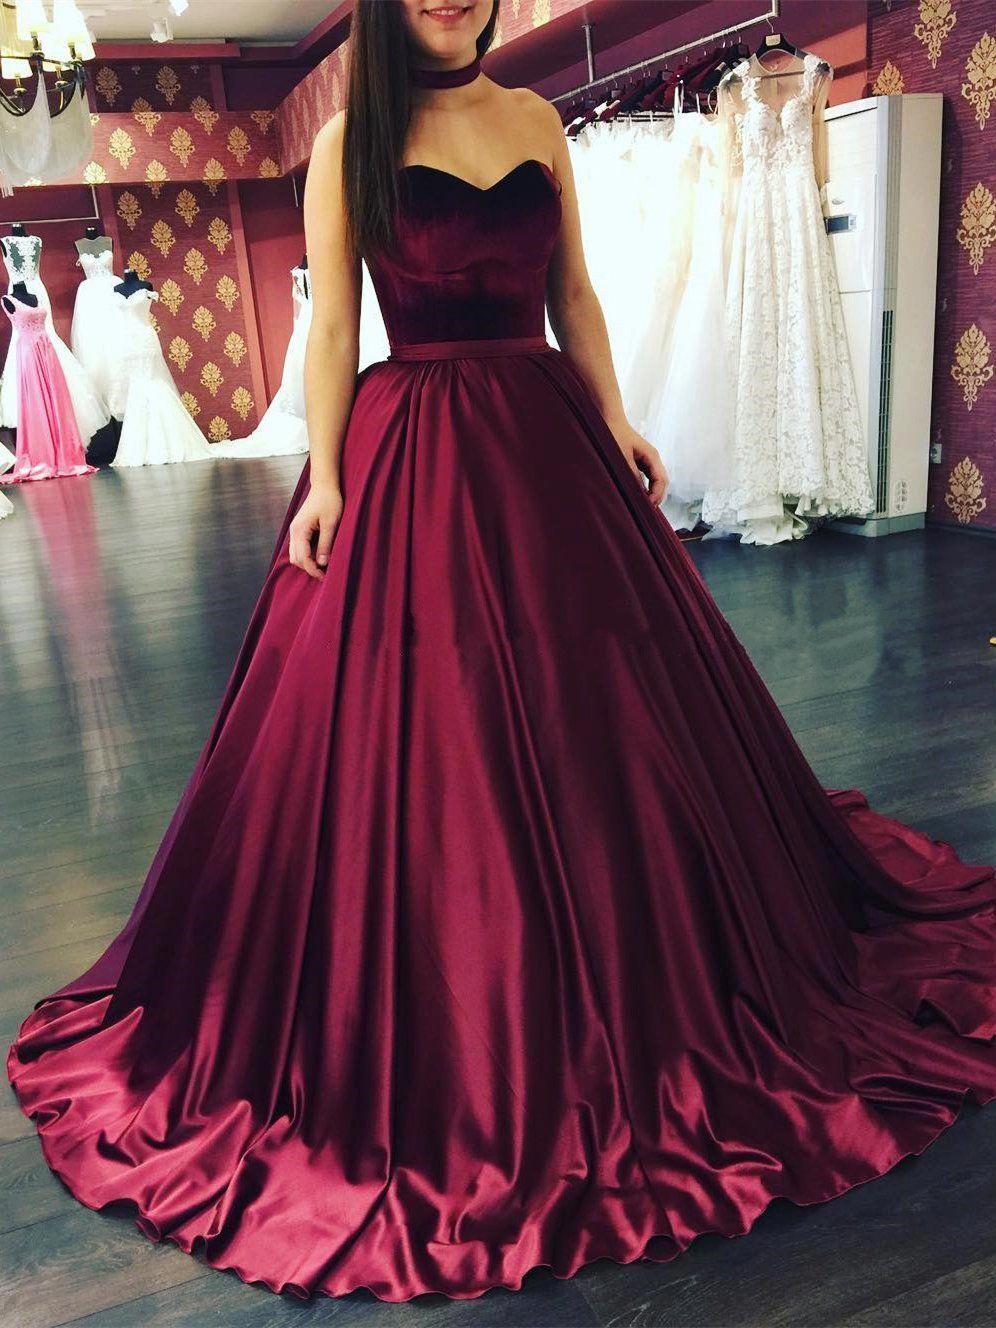 Elegante Prinzessin Rot Abendkleider Weit Gunstig Satin Abiballkleider Online In 2020 Abendkleid Abiball Kleider Lang Abendkleider Elegant